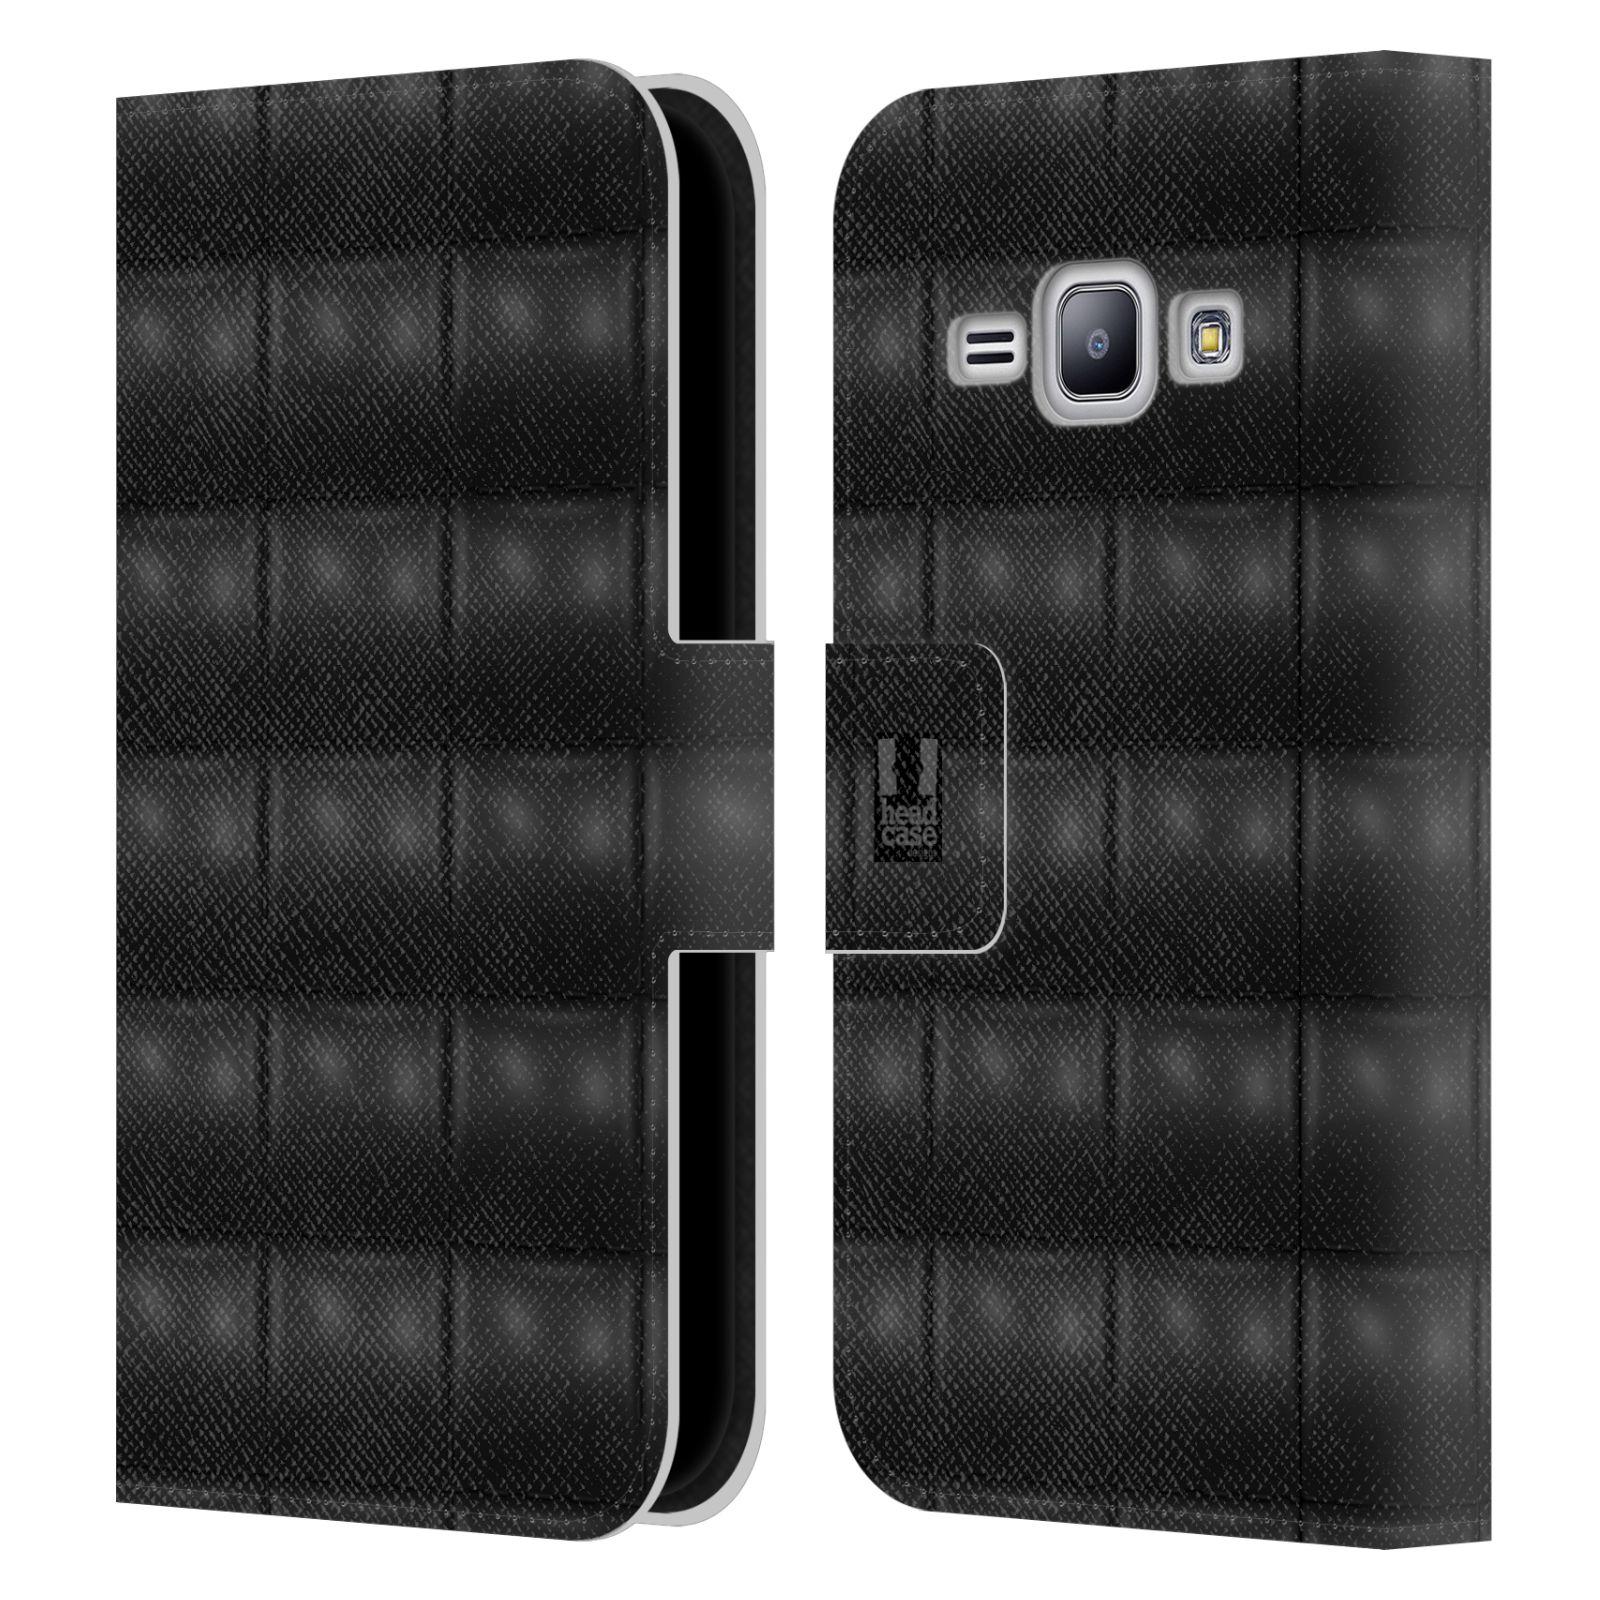 head case designs kissen brieftasche handyh lle aus leder f r samsung galaxy j1 ebay. Black Bedroom Furniture Sets. Home Design Ideas